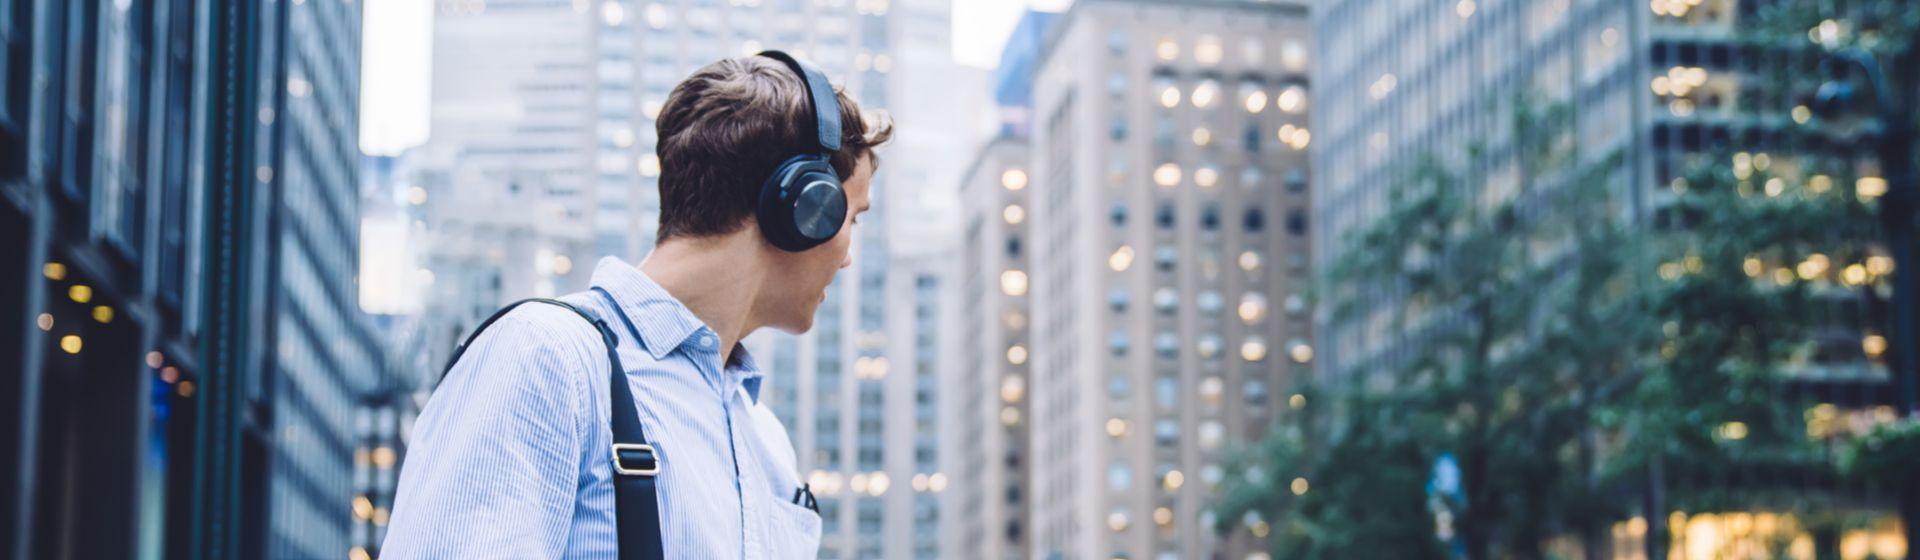 Cancelamento de ruído ativo: entenda a tecnologia presente em fones de ouvido